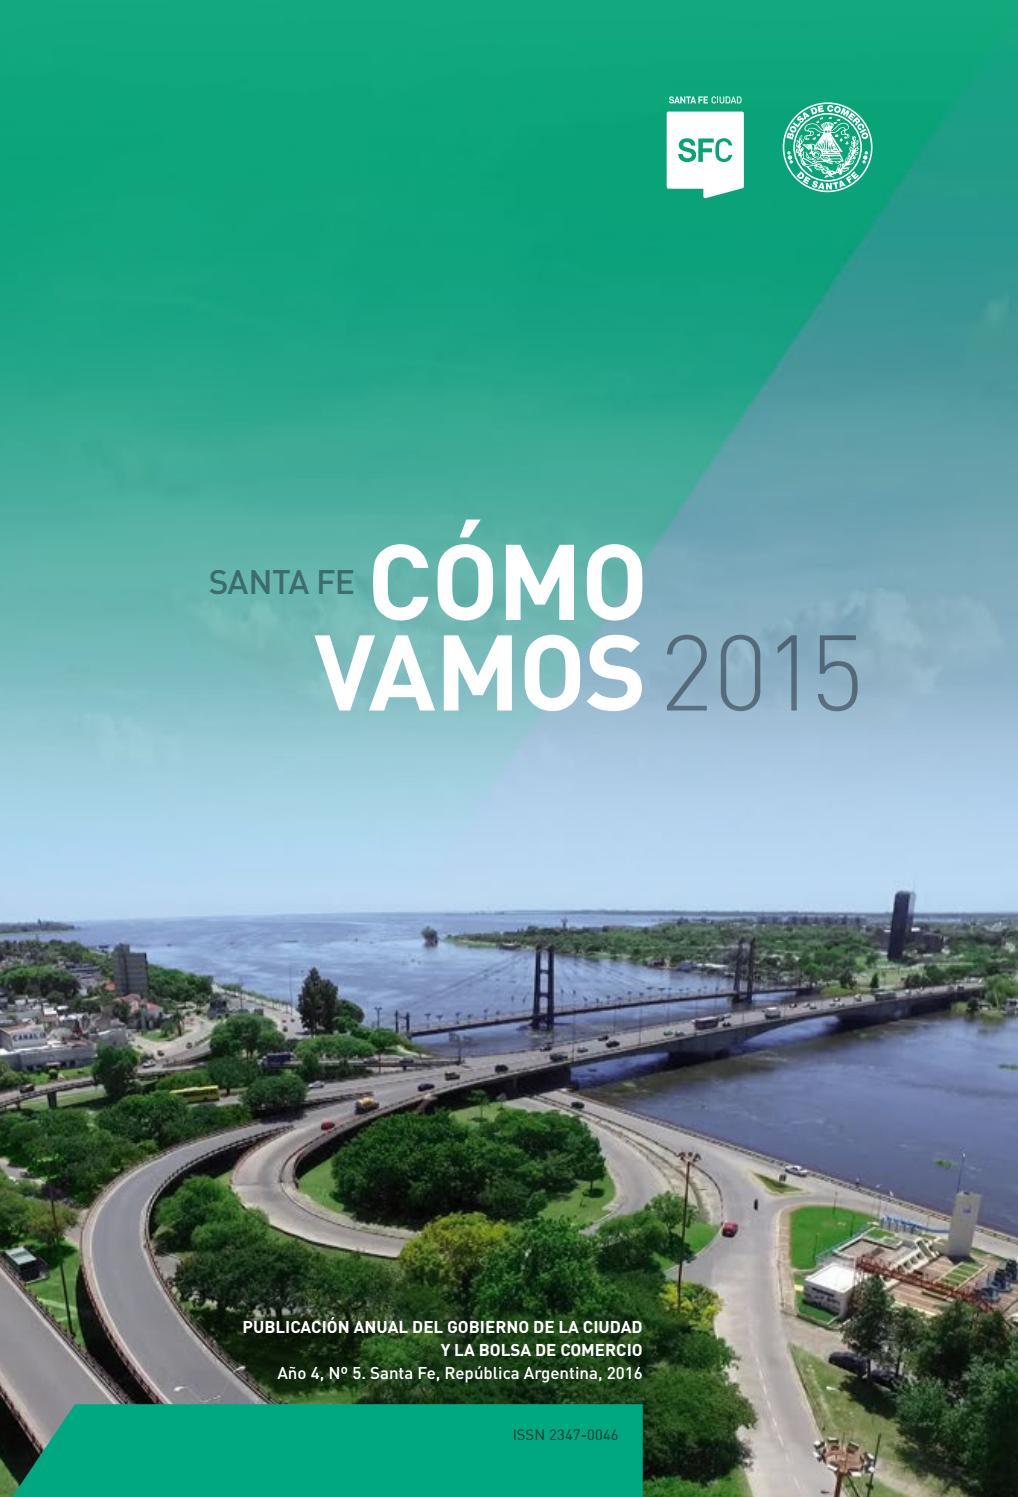 Santa Fe Cómo Vamos 2015 By Santa Fe Ciudad Issuu